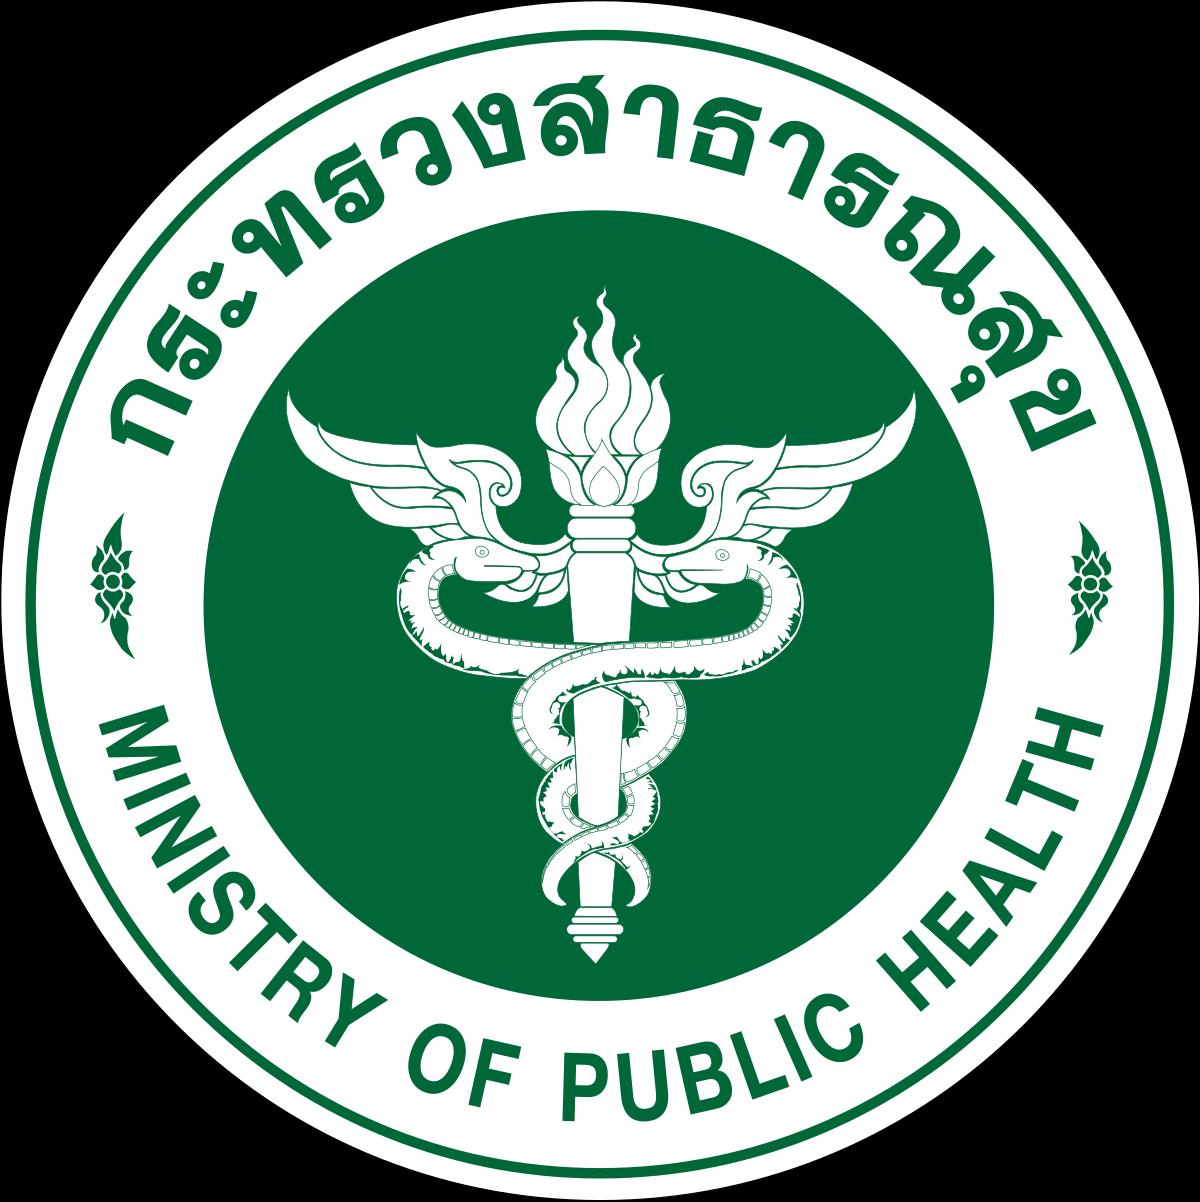 タイ、家庭等から排出される有毒・有害廃棄物の管理方法について定める省令を公布